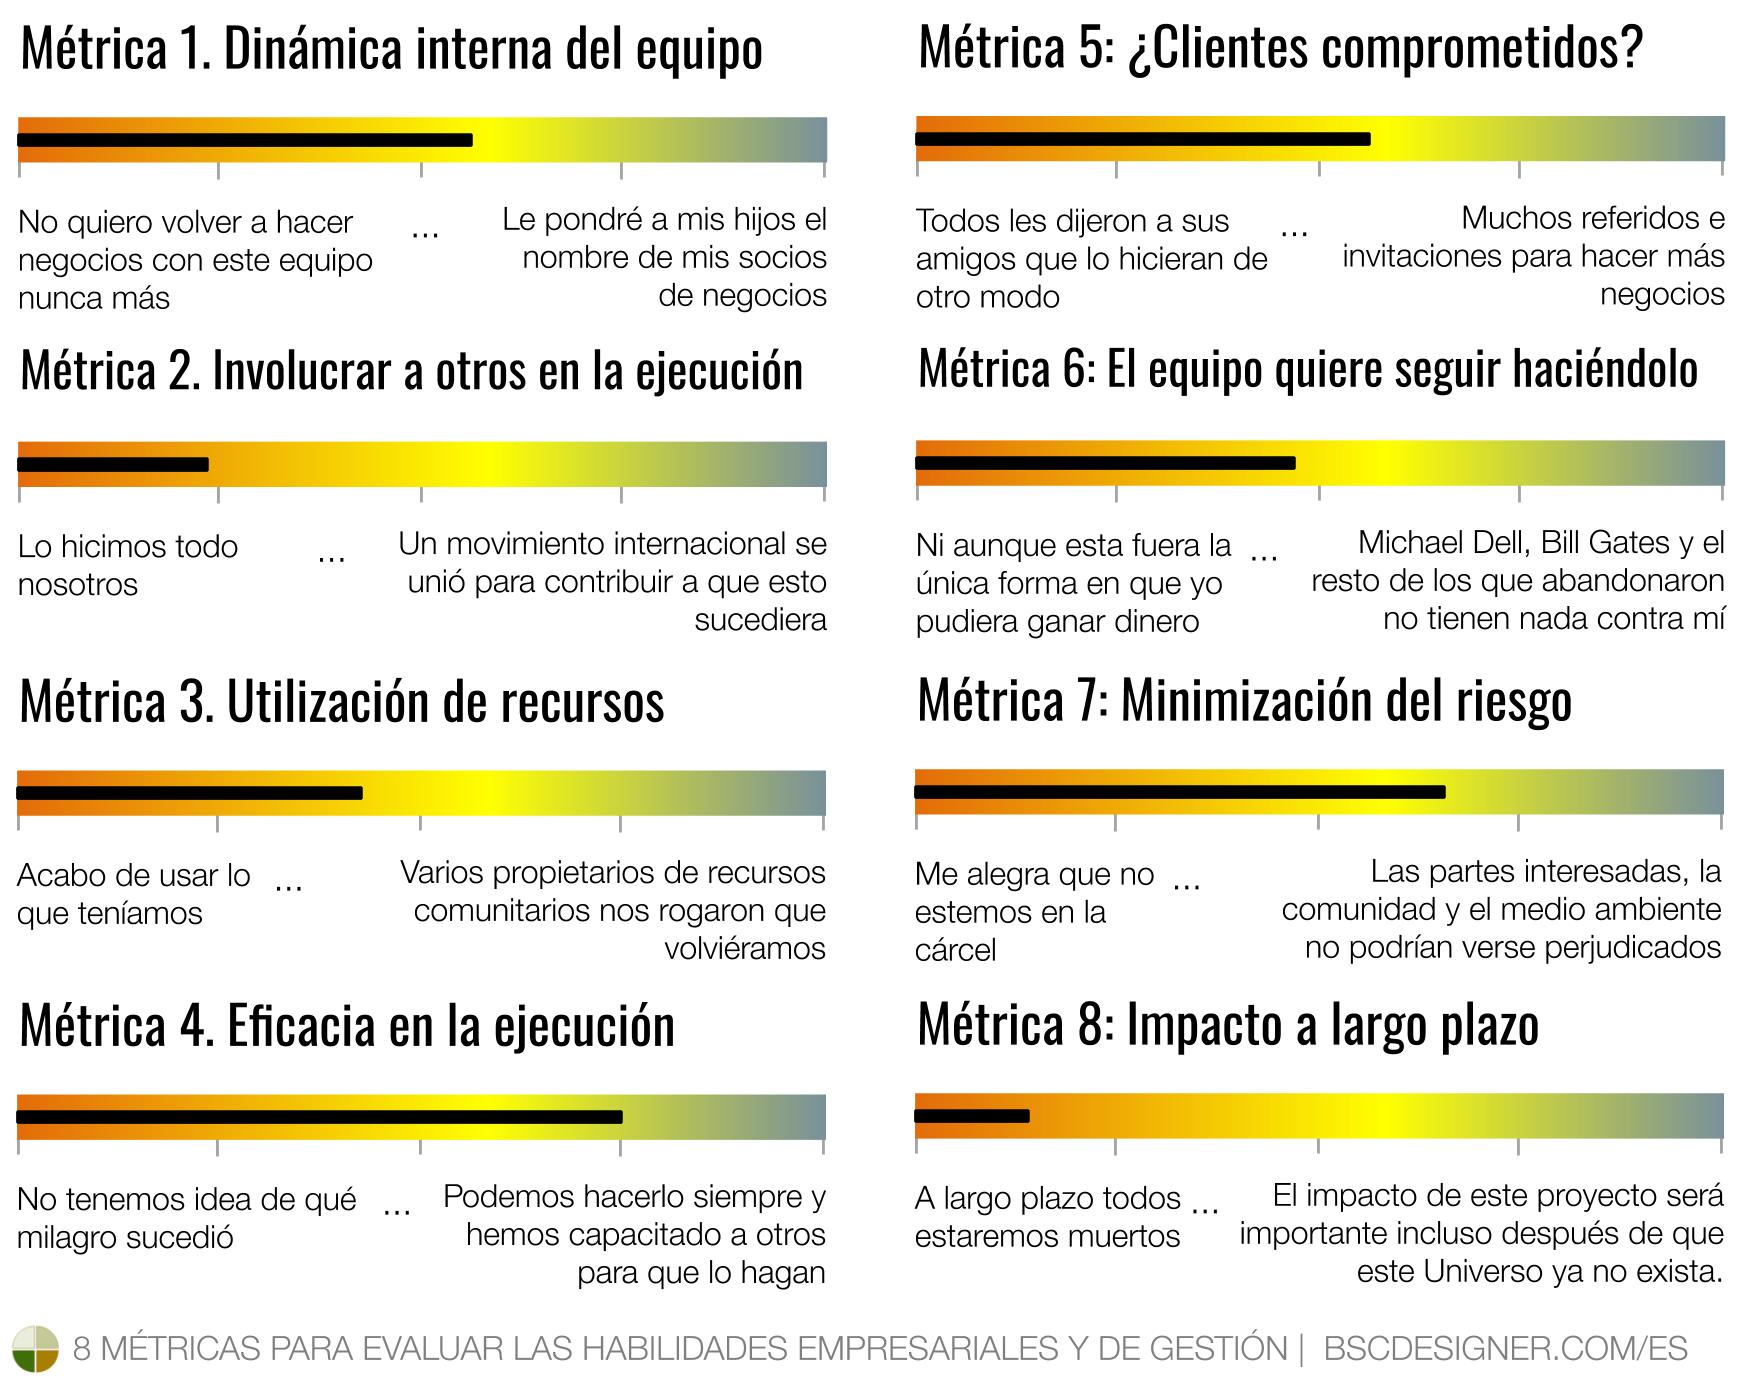 8 Métricas para Evaluar las Habilidades Empresariales y de Gestión